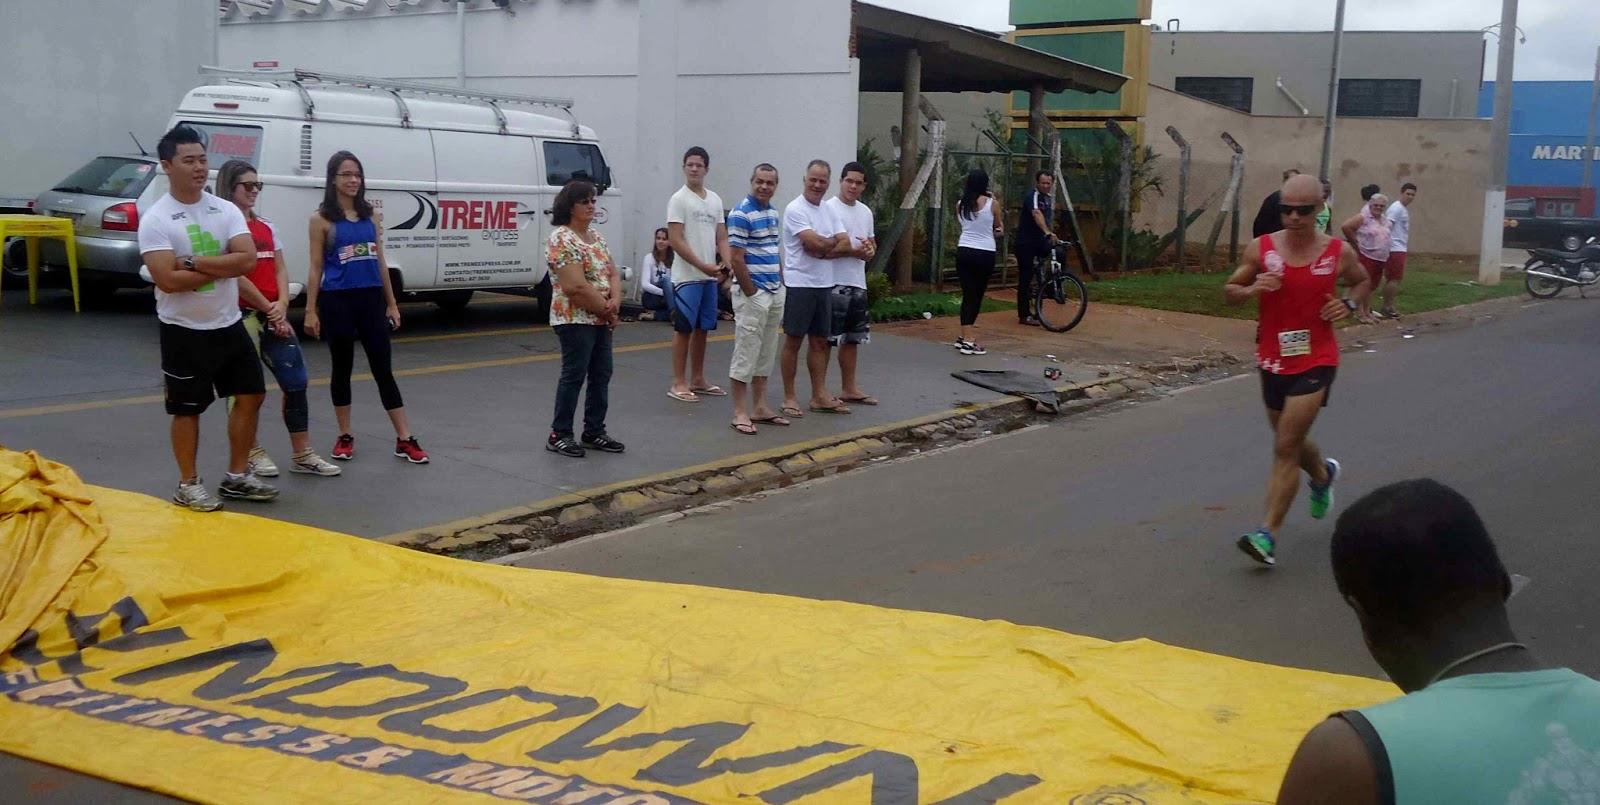 Foto 101 da 1ª Corrida Av. dos Coqueiros em Barretos-SP 14/04/2013 – Atletas cruzando a linha de chegada